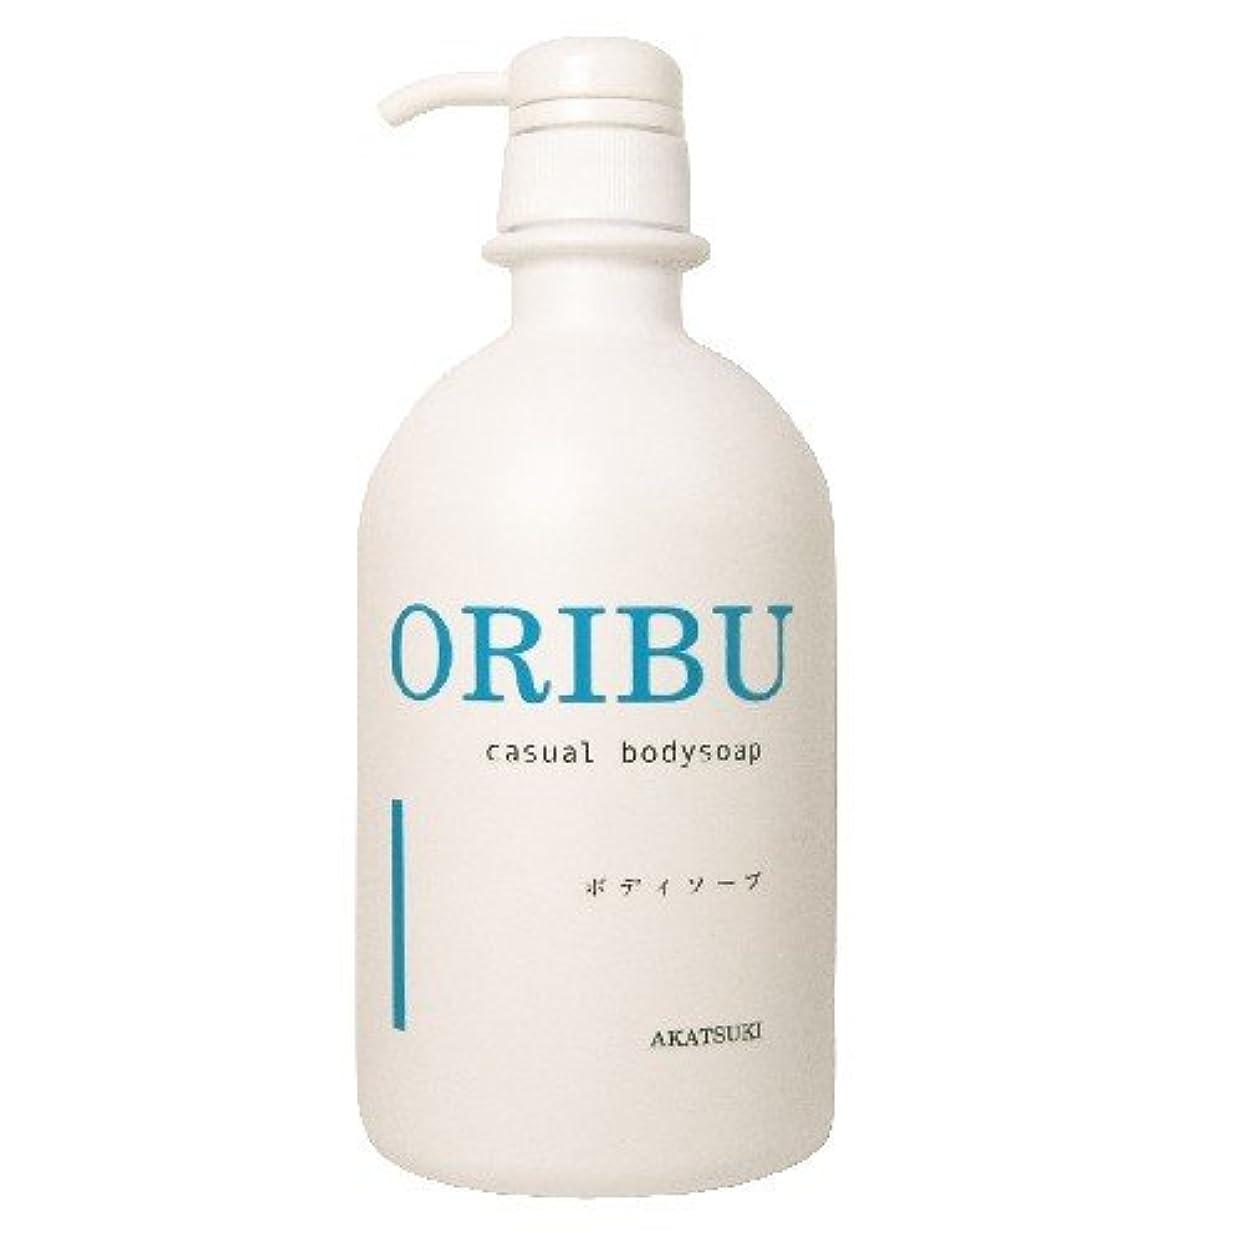 のれん理容師先史時代のORIBU果樹亜瑠 ボディソープ ボトル 800ml